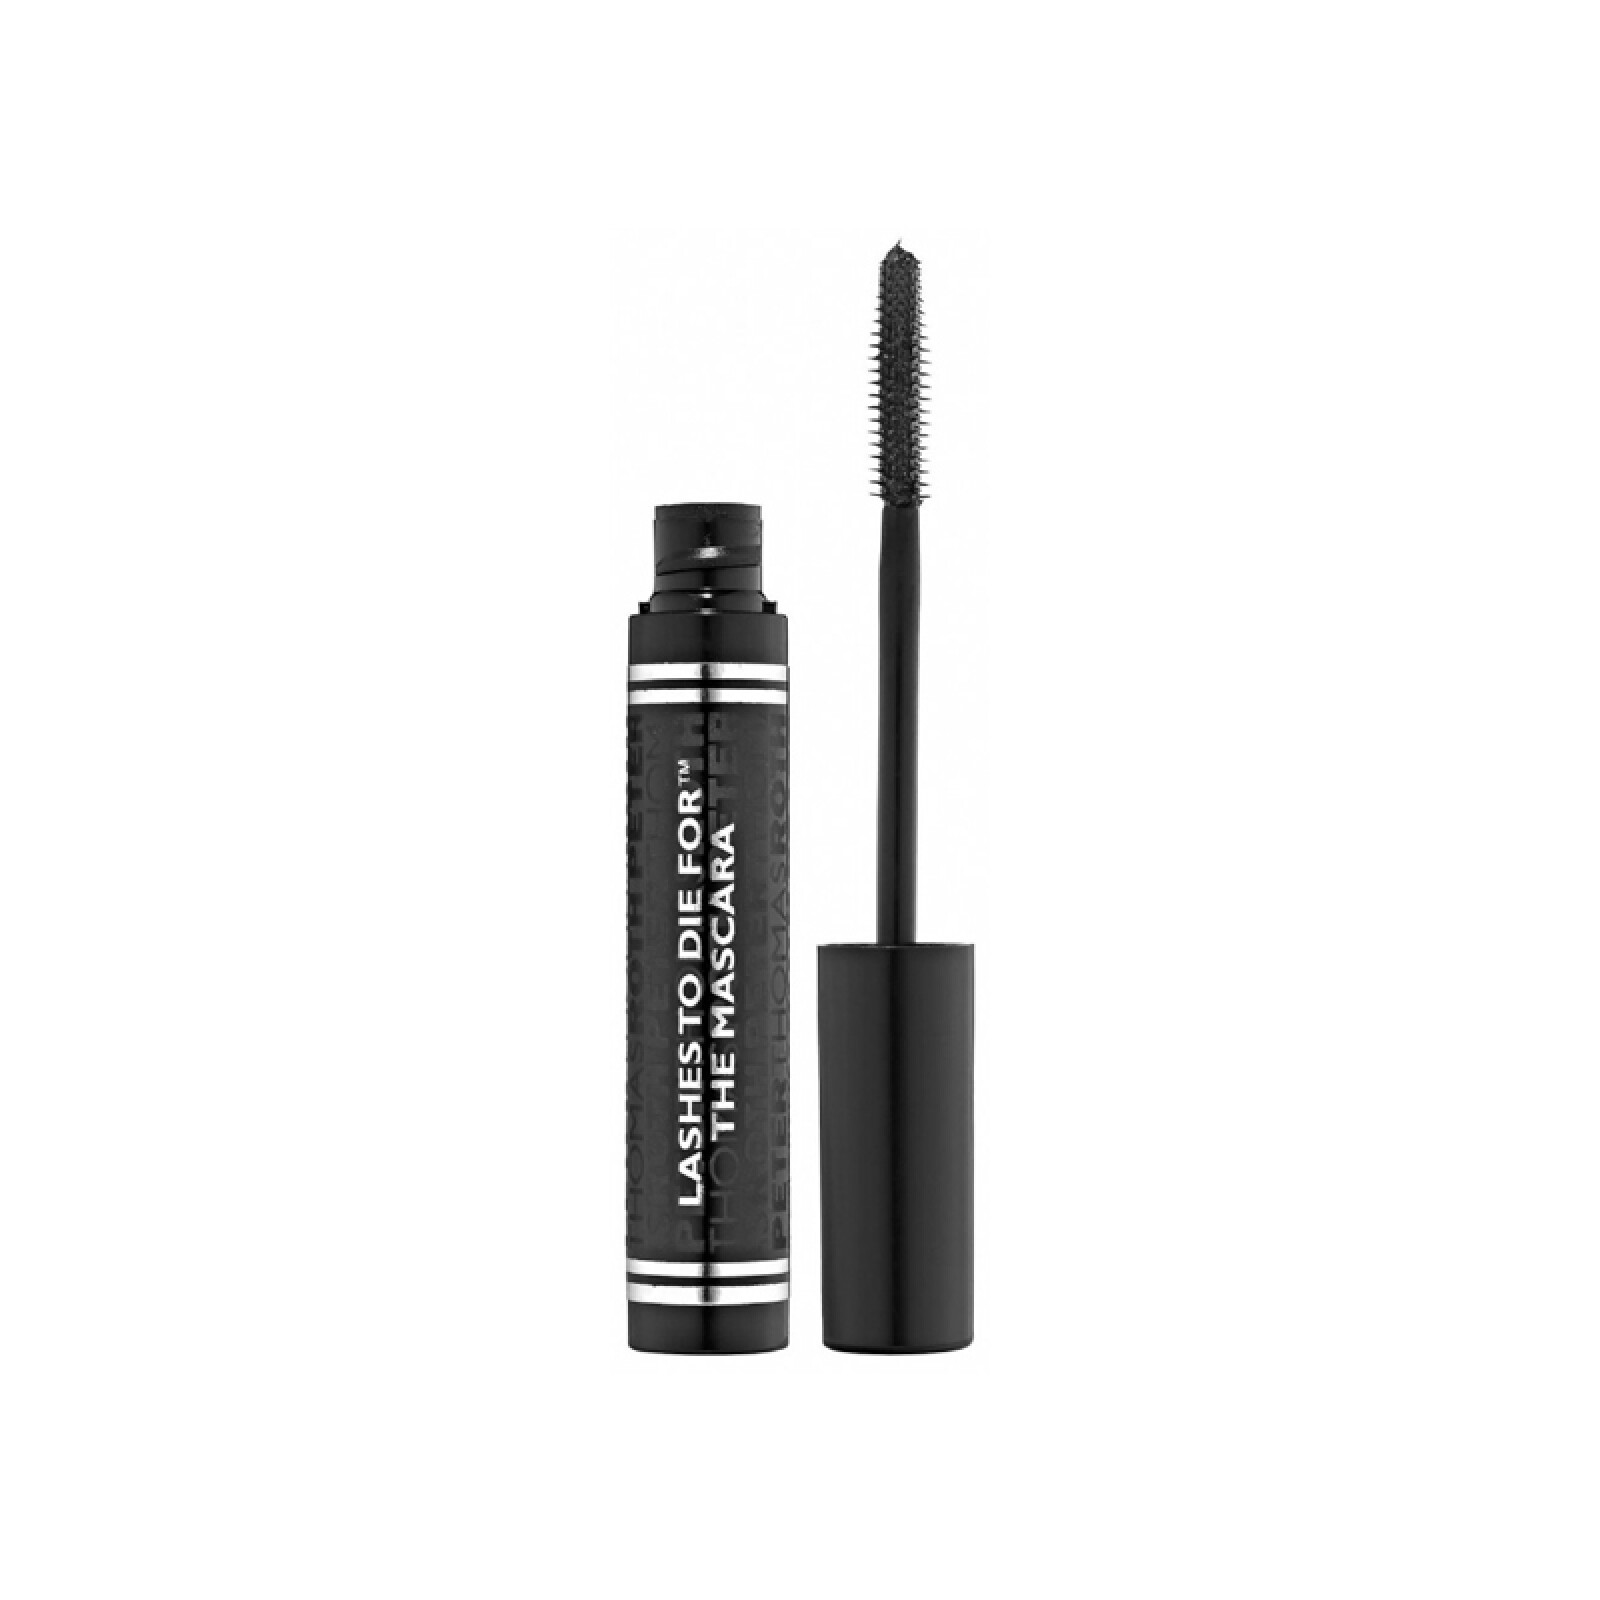 productos-maquillaje-skincare-belleza-beauty-rutina-ptr